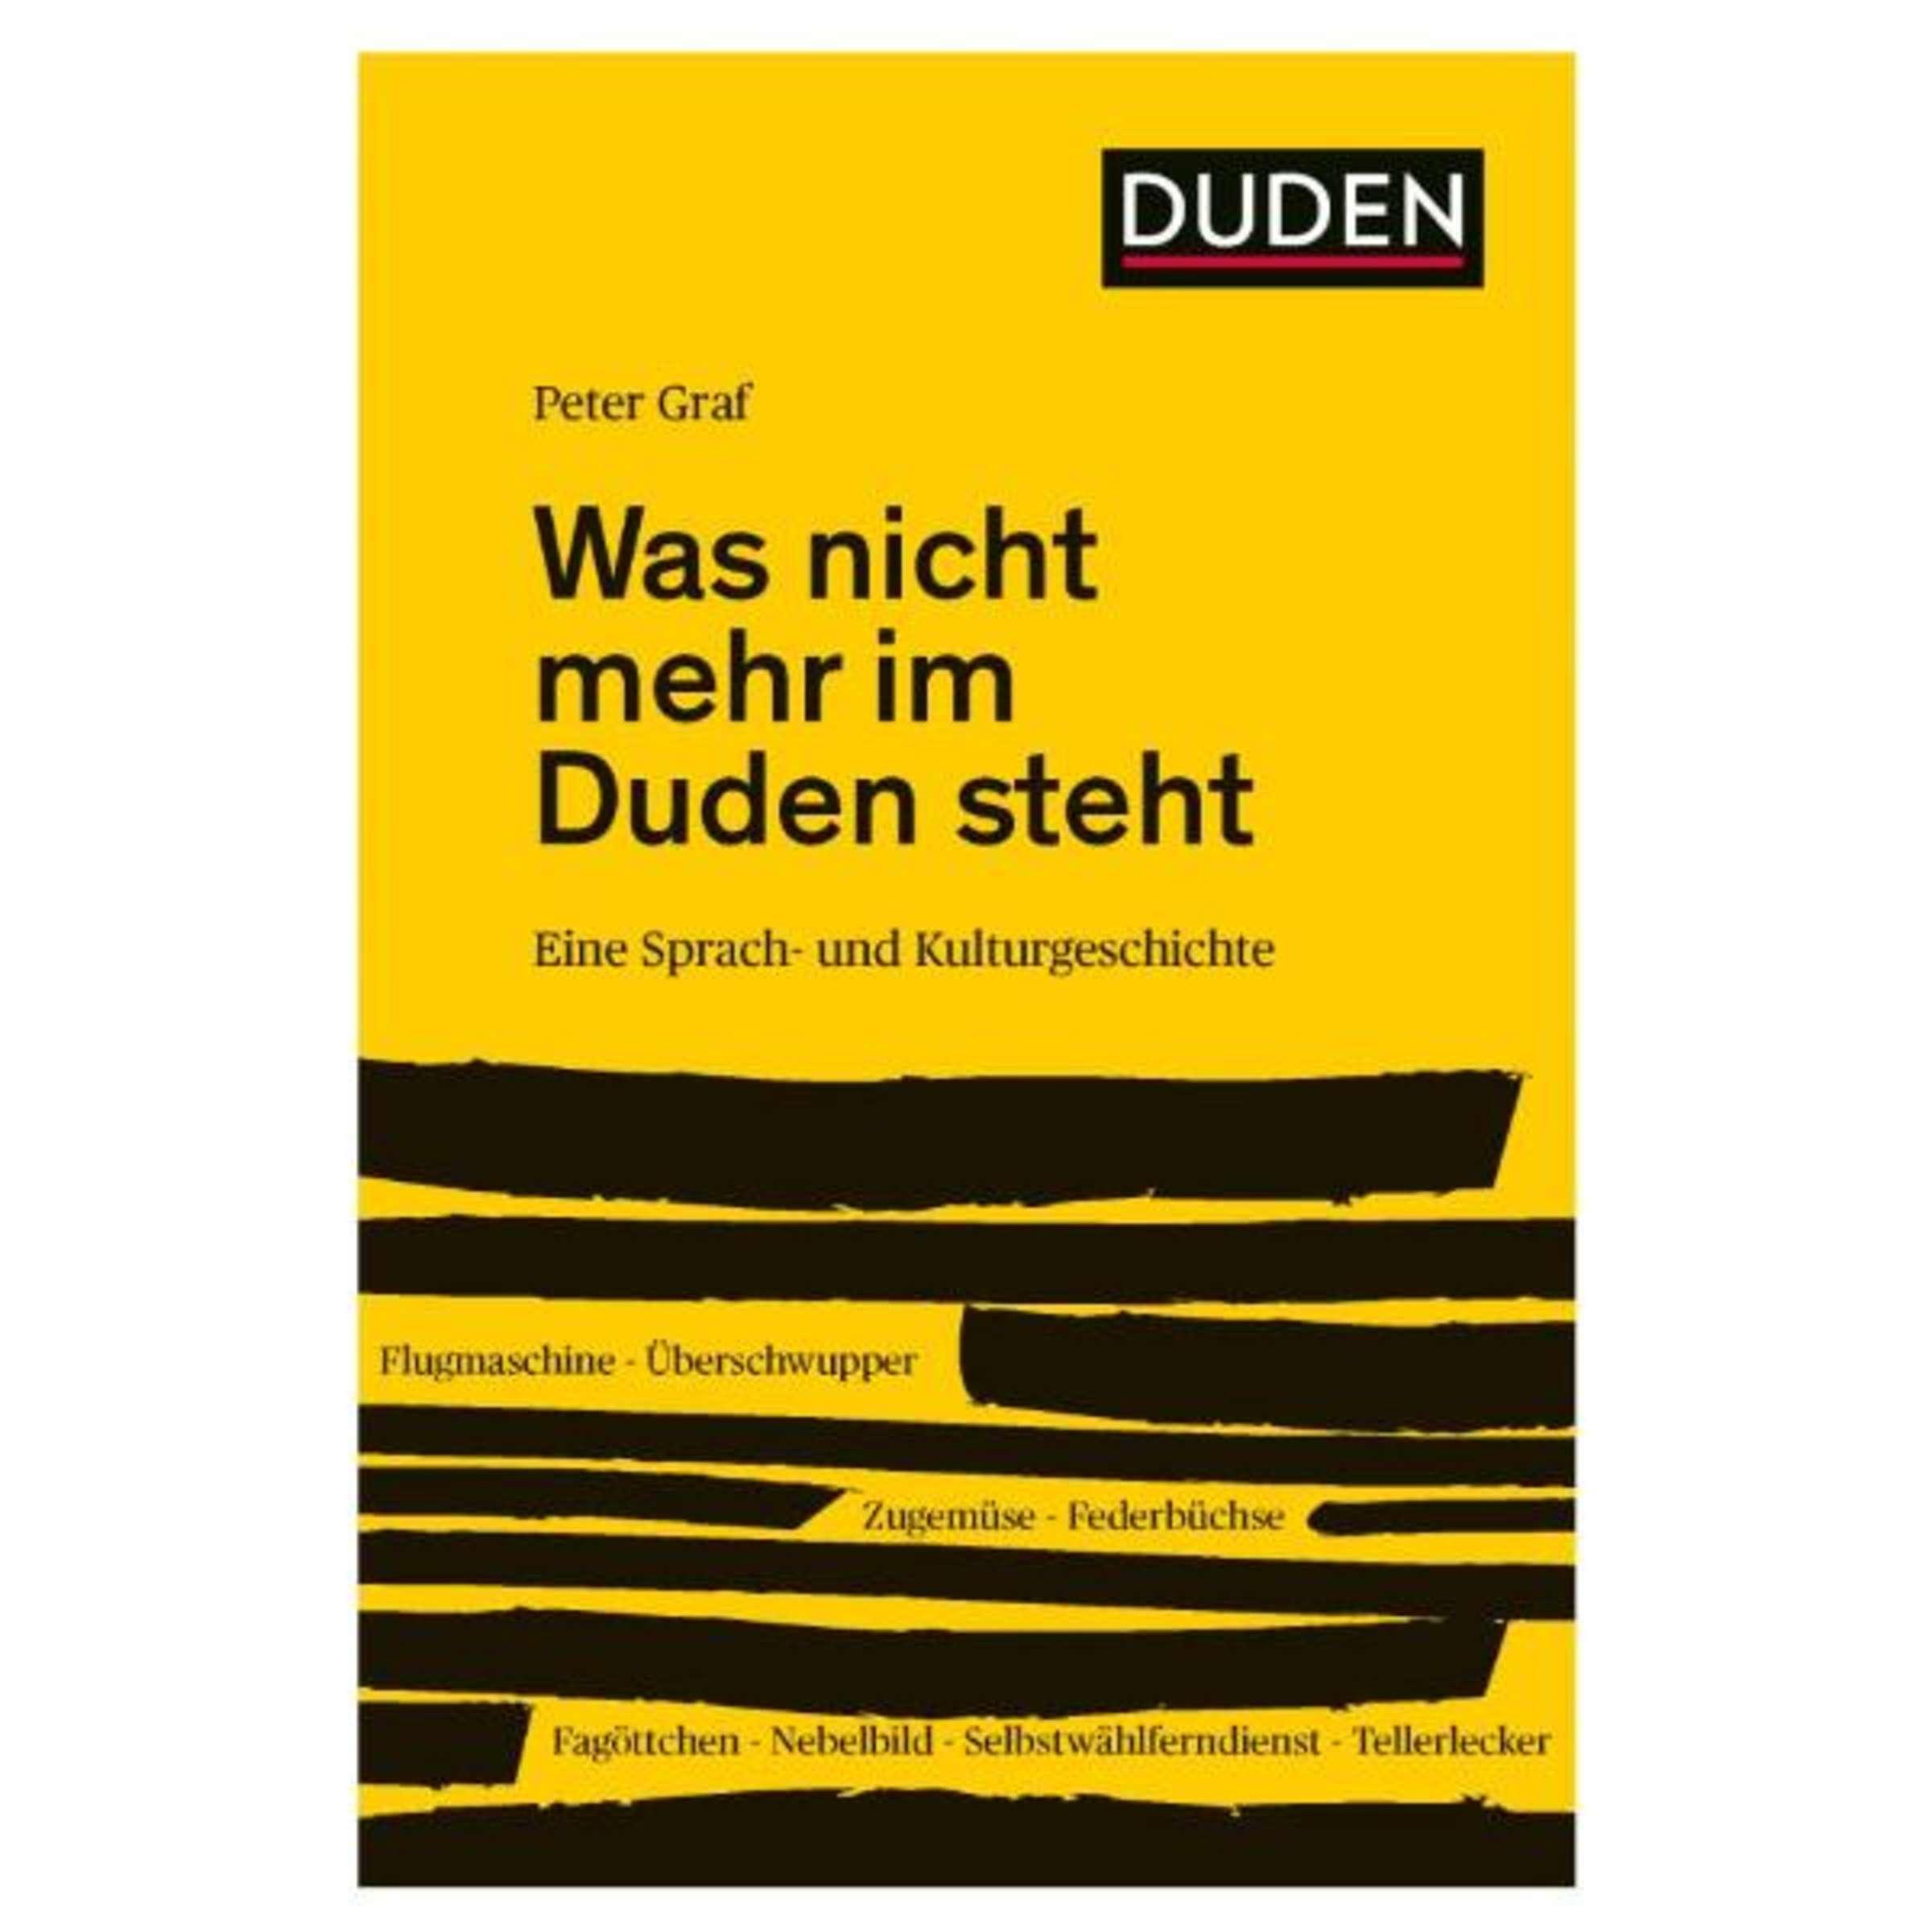 """Duden streicht 20 alte Wörter """"Hackenporsche"""" und """"Niethose ..."""